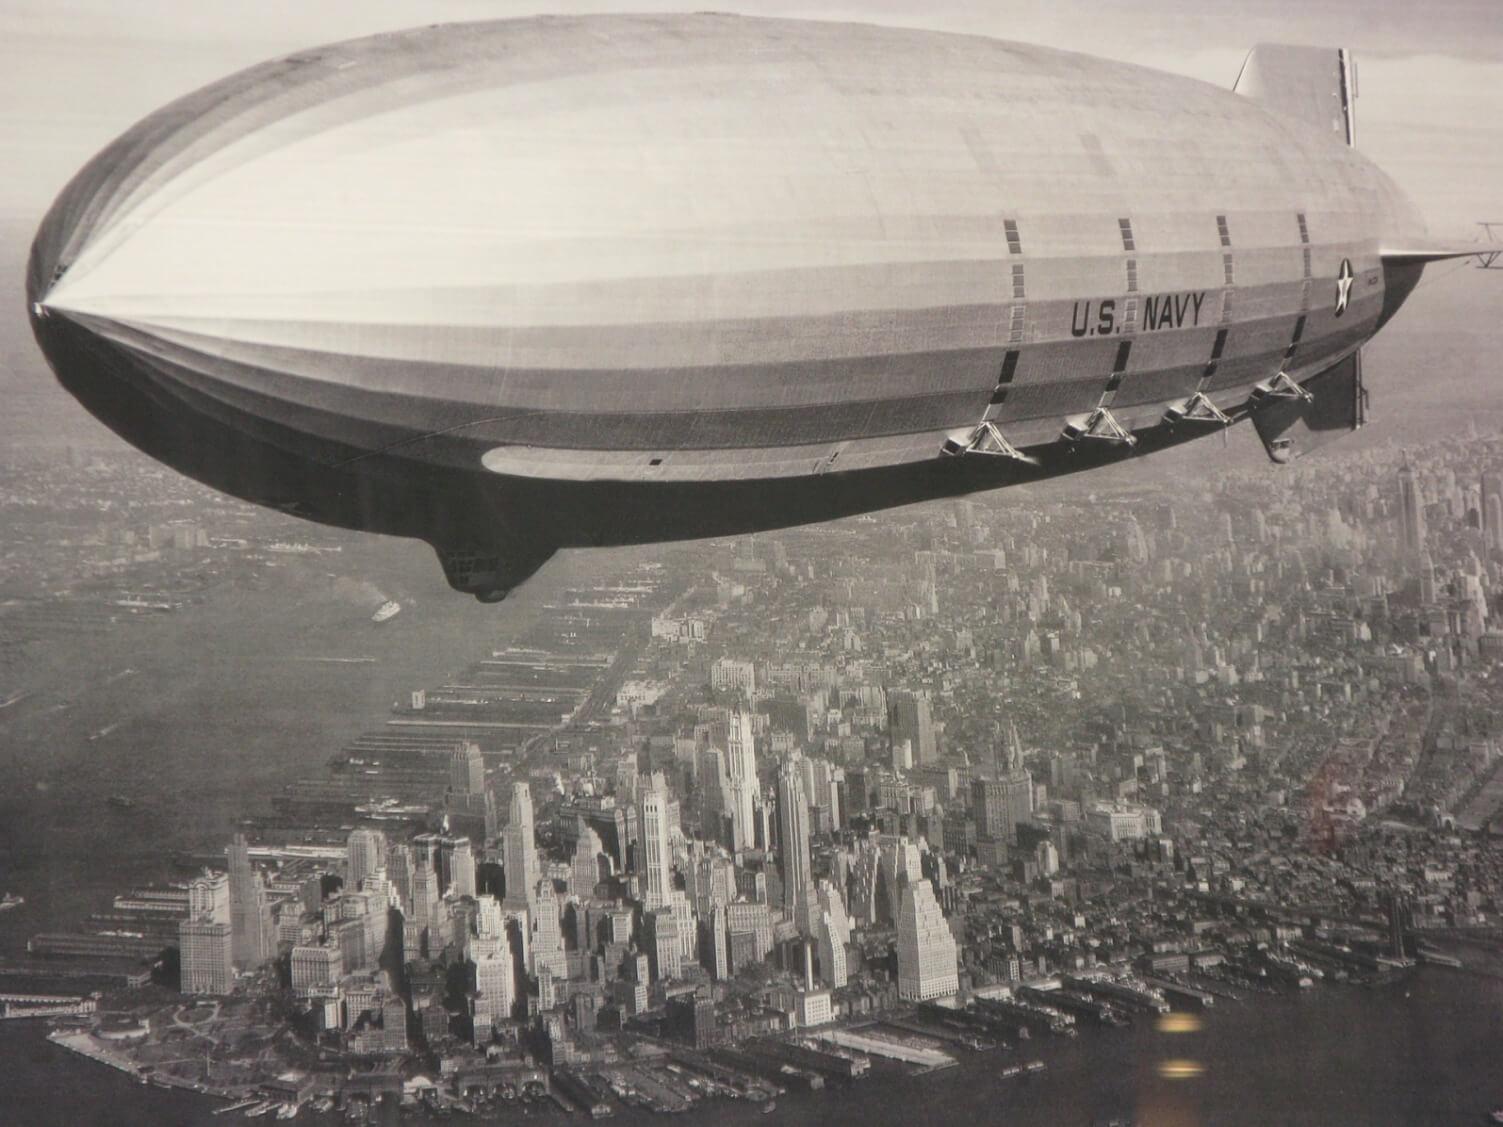 Zeppelin - Original image